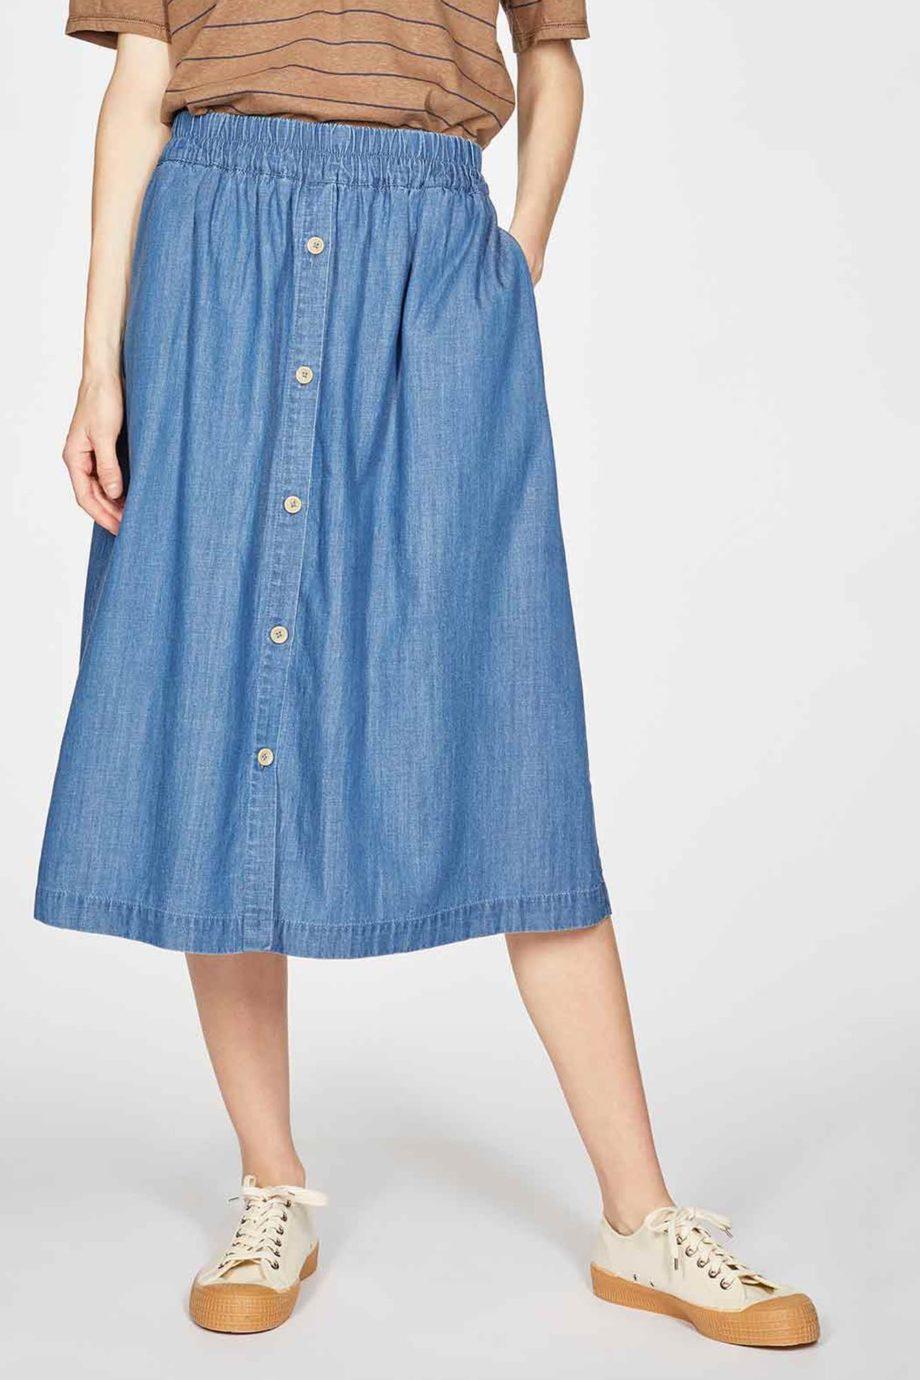 Falda-ESTHER-Thought-Clothing